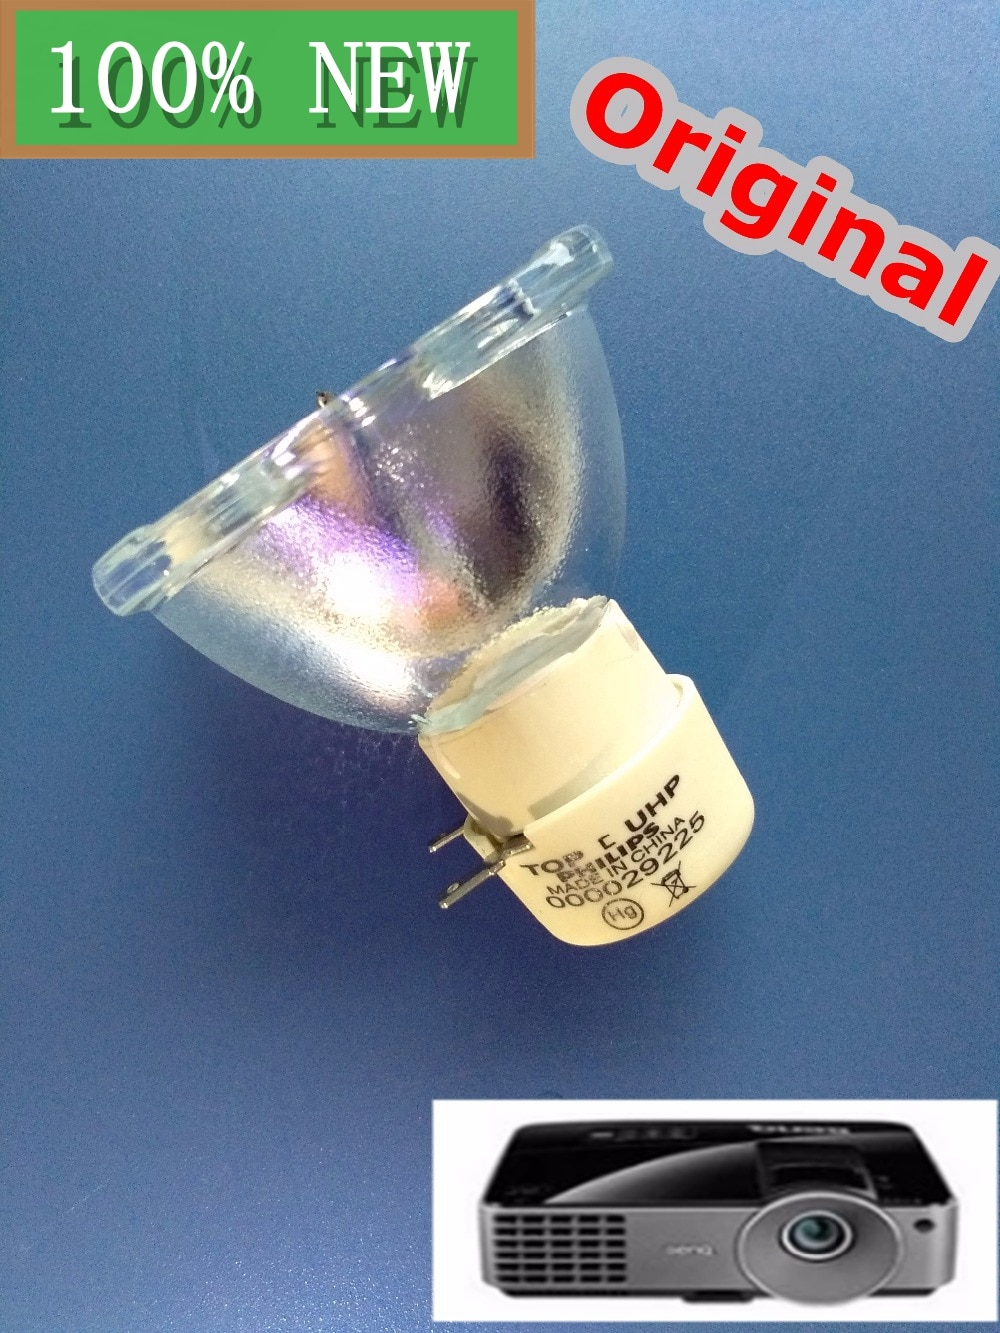 استبدال الأصلي لشركة فيليبس رأس lamp-uhp 190/160 واط لبينكيو العارض